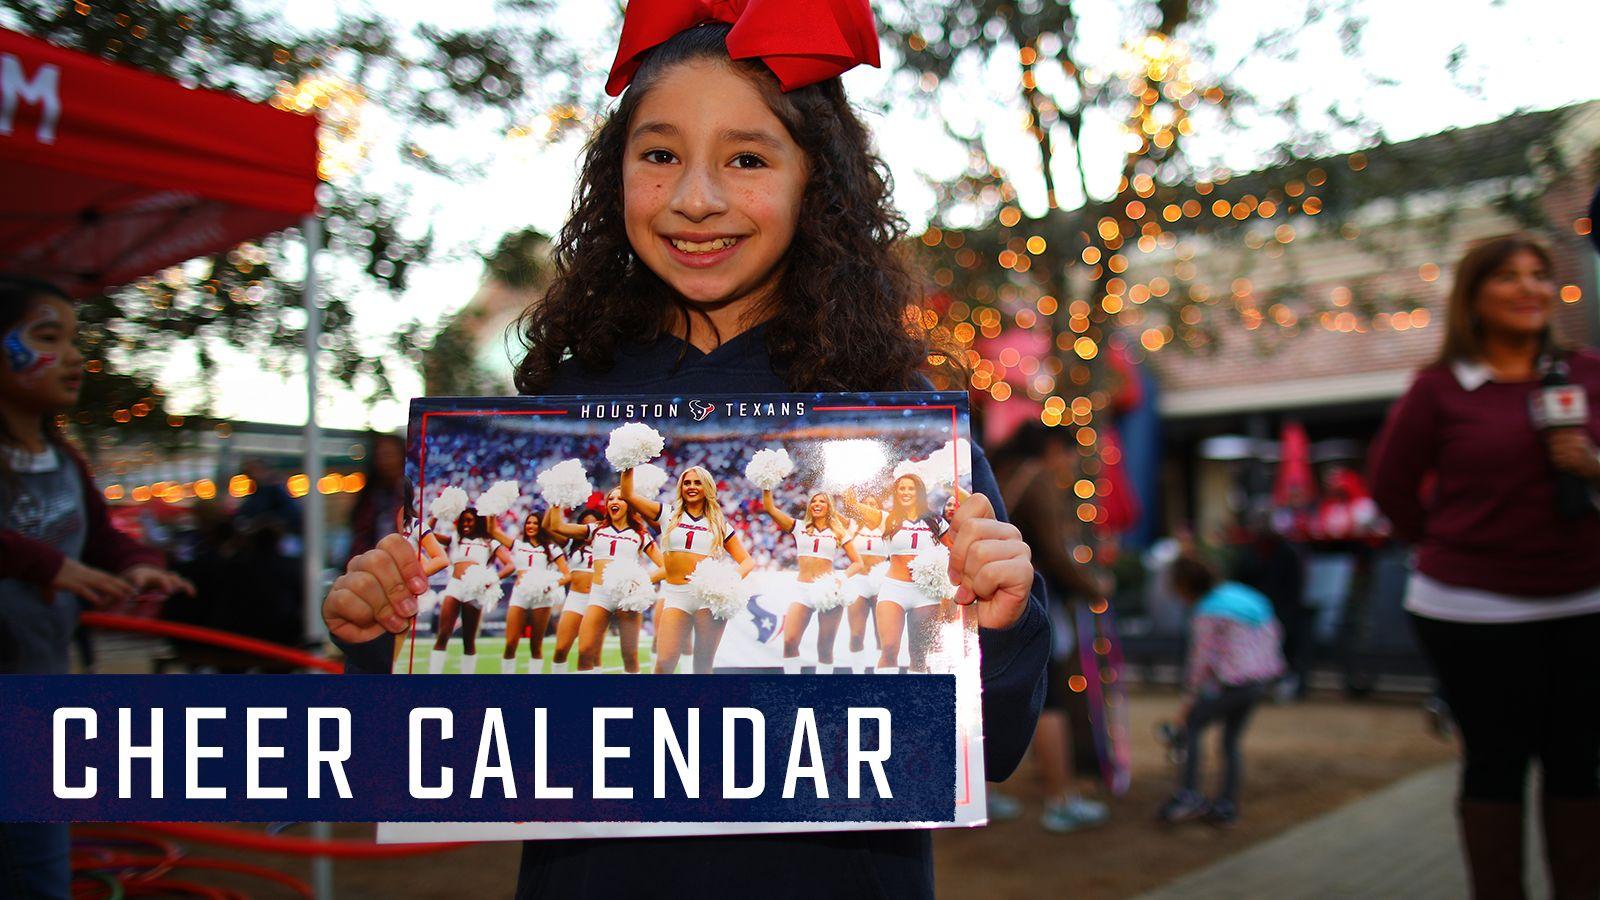 Cheer Calendar